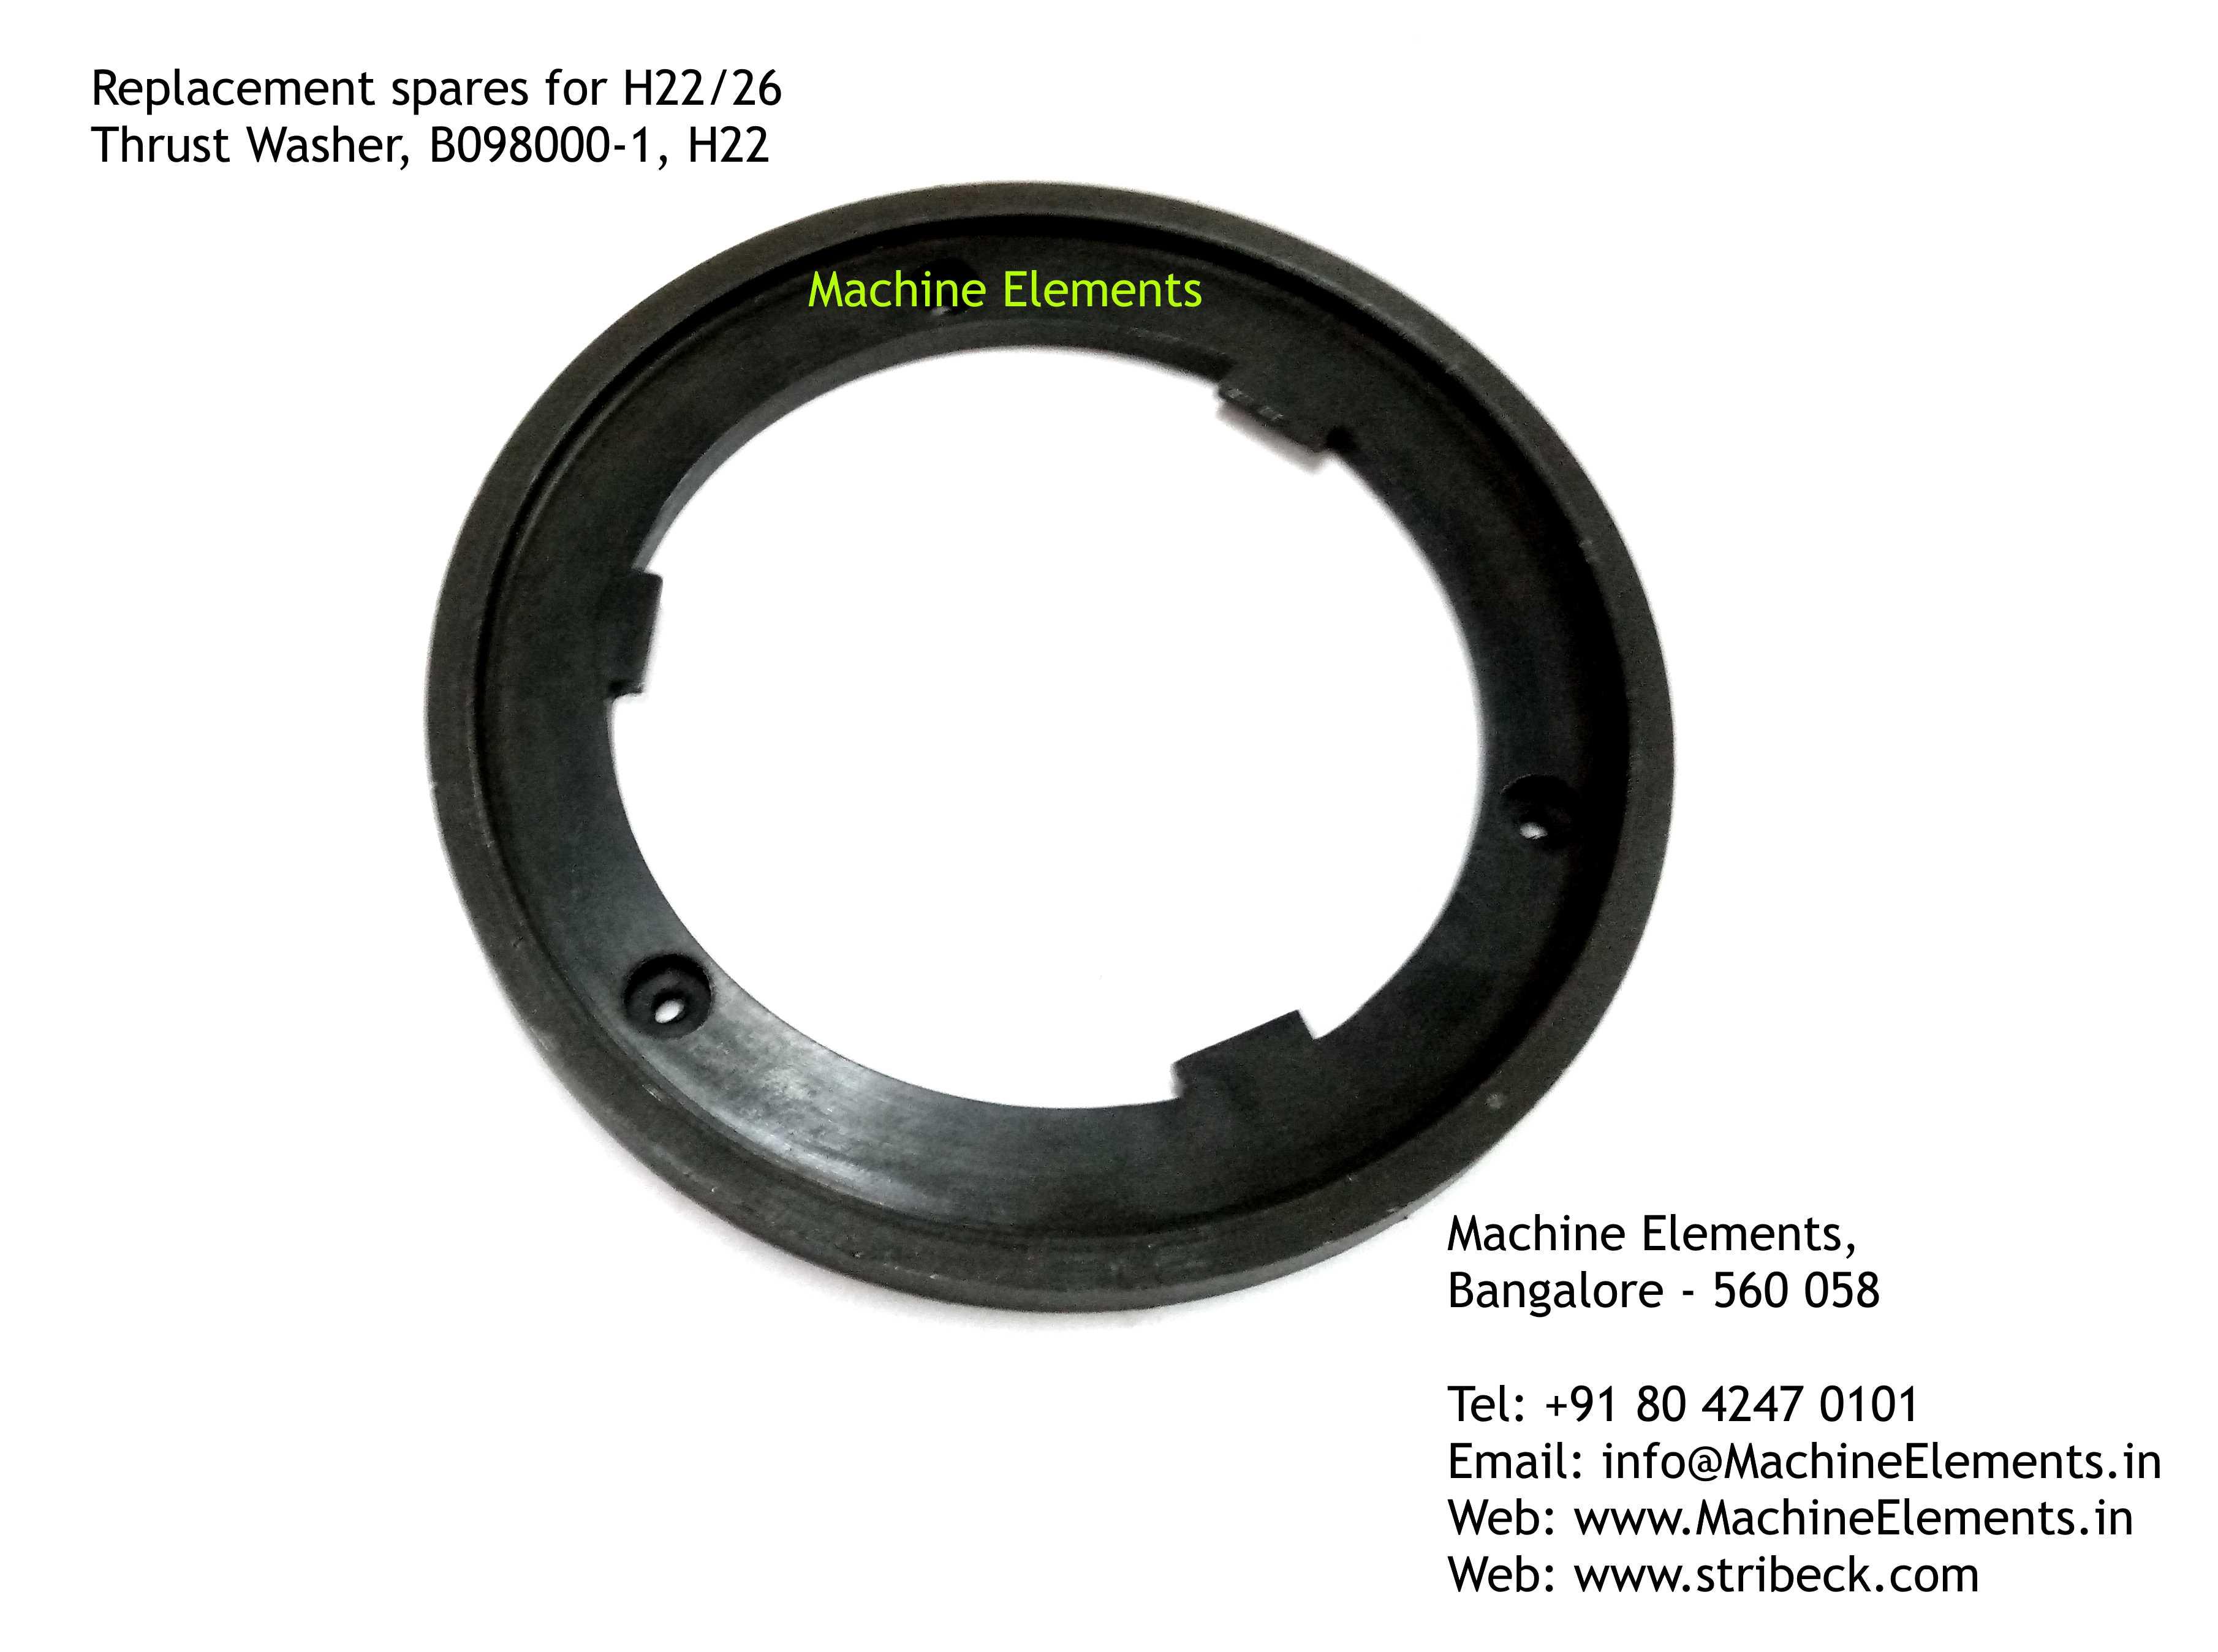 Thrust Washer, B098000-1